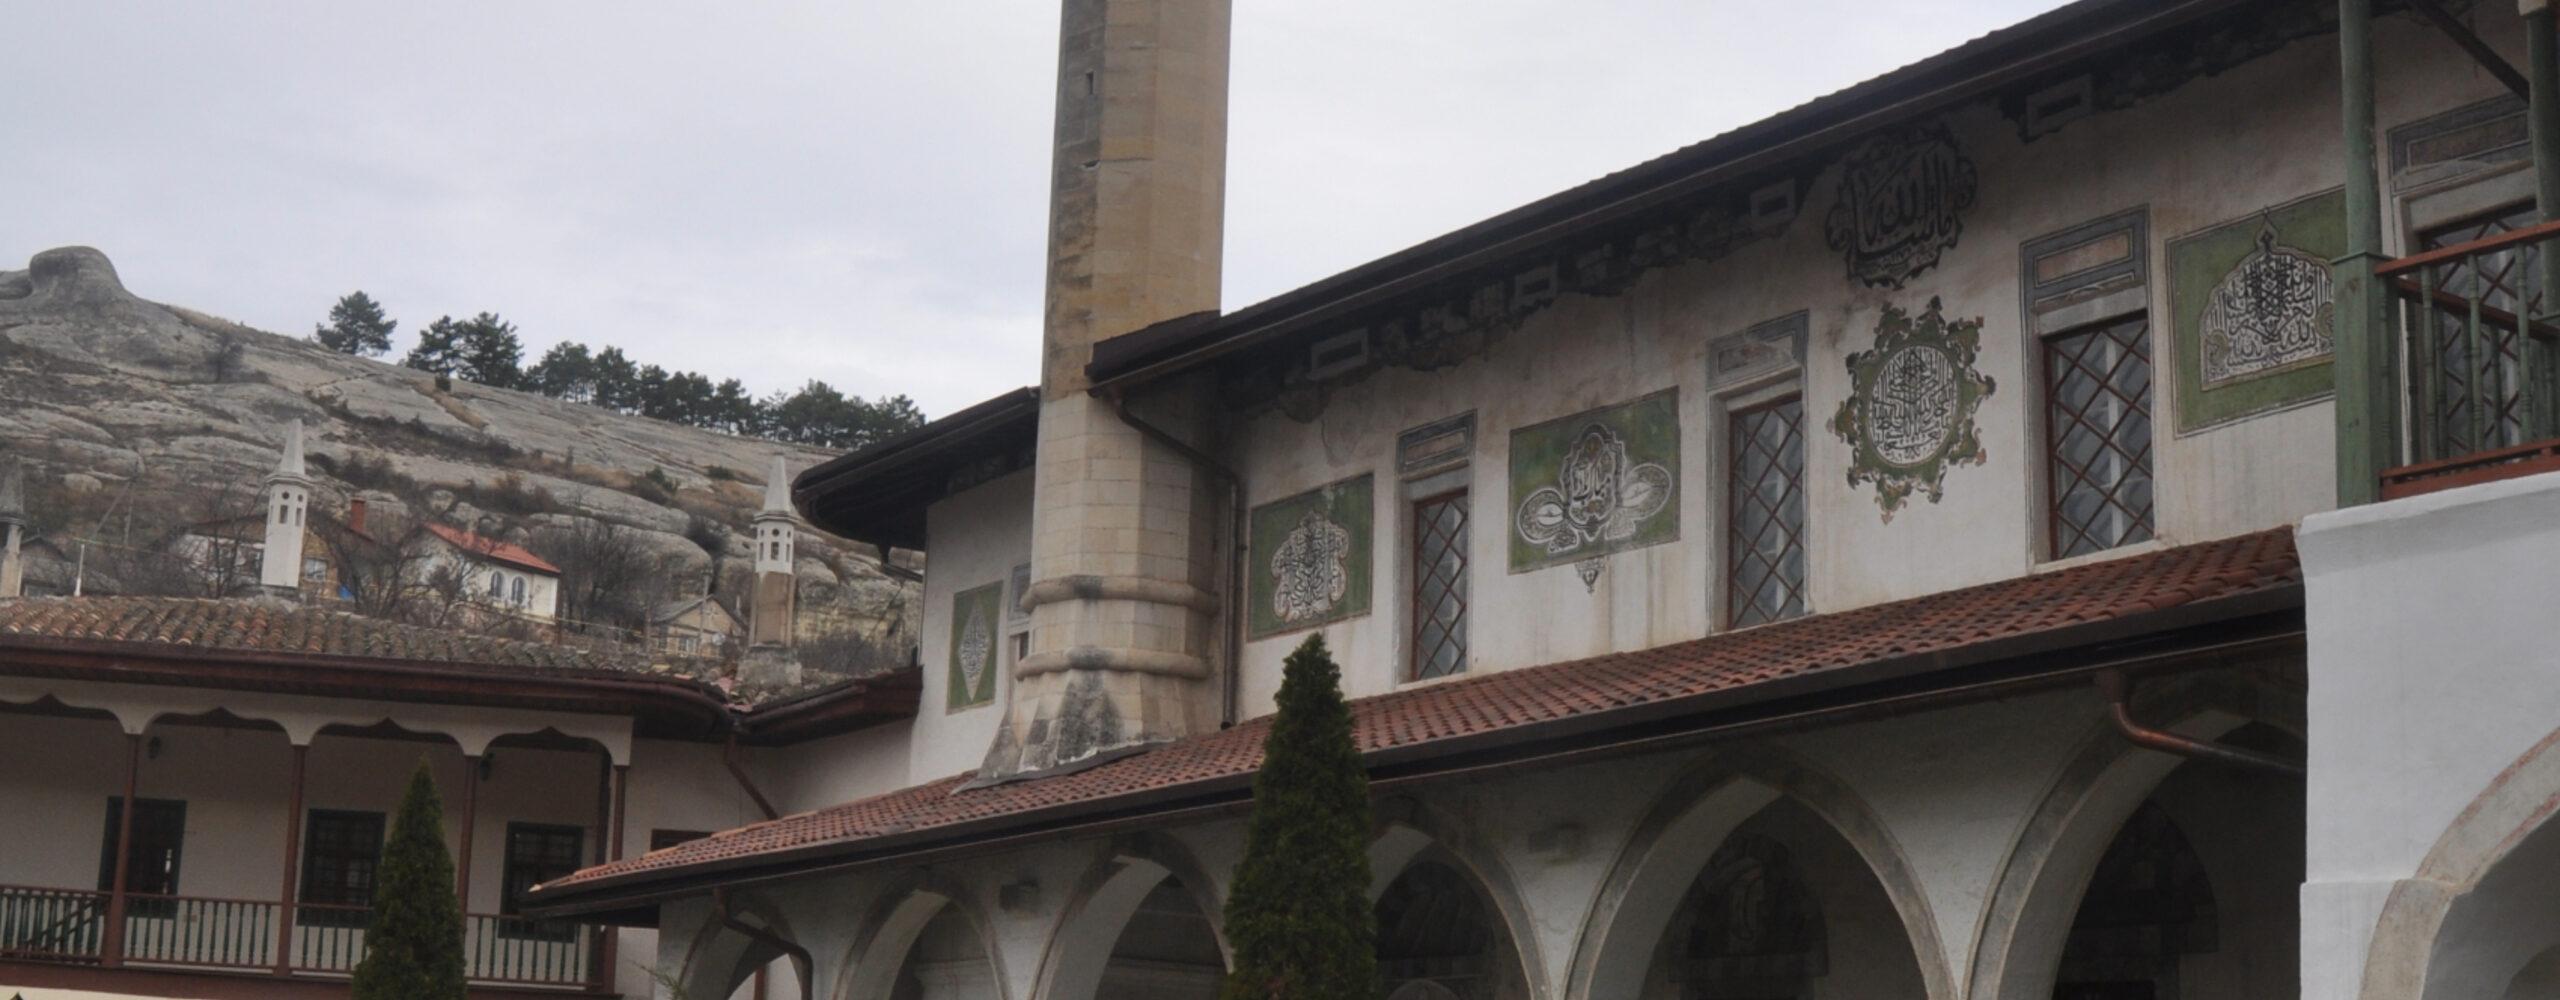 Крымские каникулы. Часть 11. Бахчисарайский фонтан.